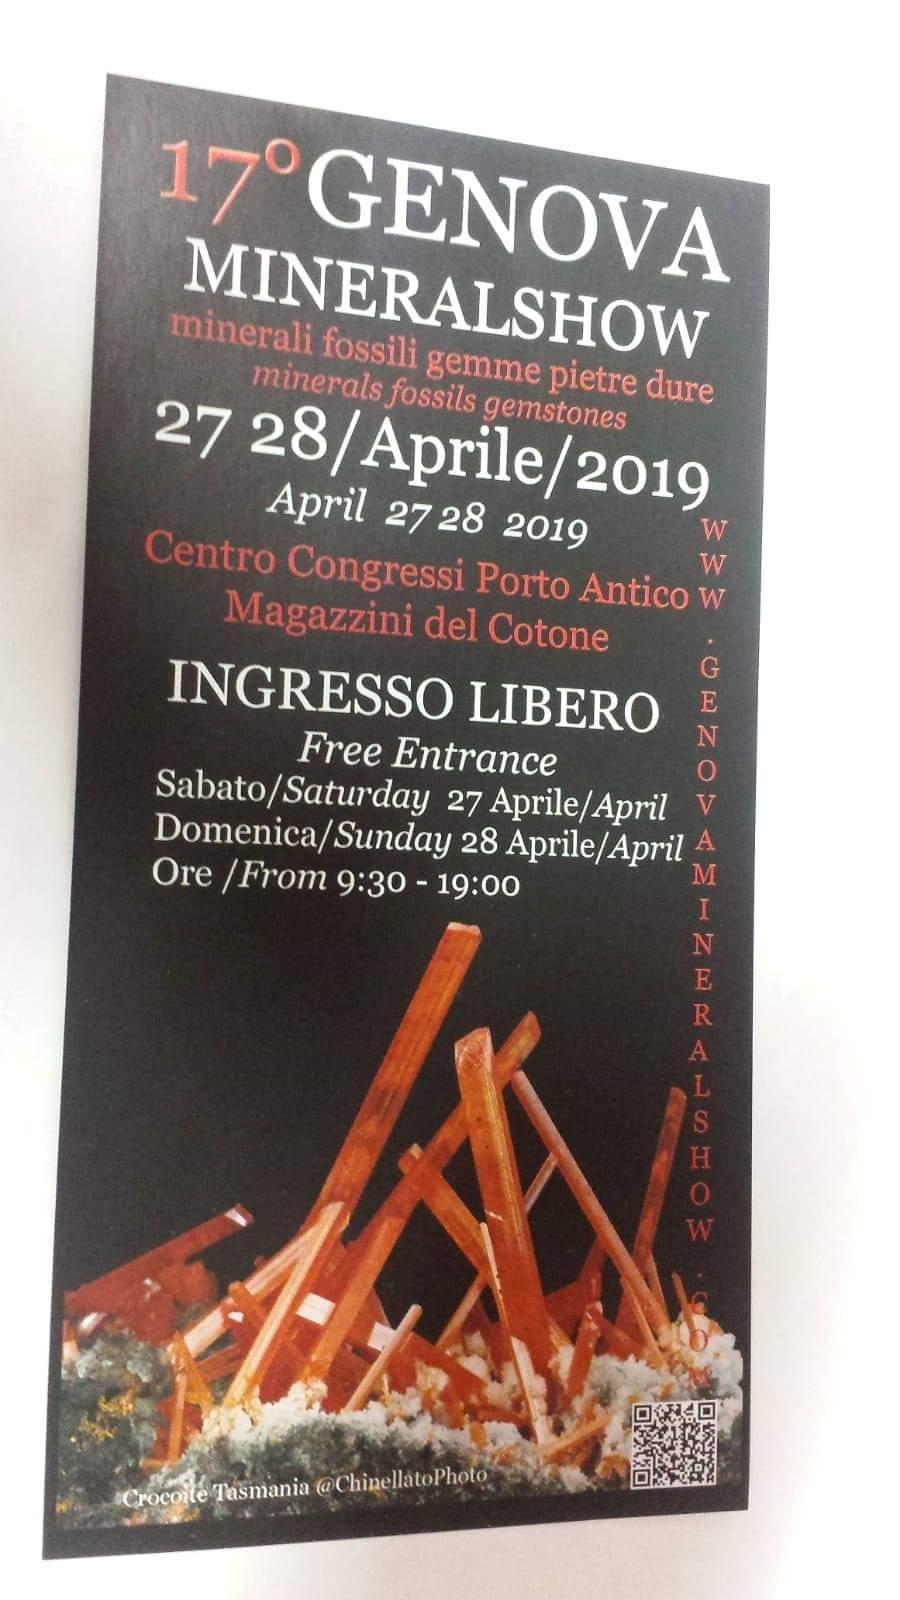 Ferias y eventos mes de Abril 2019. - Página 2 Fb_im262